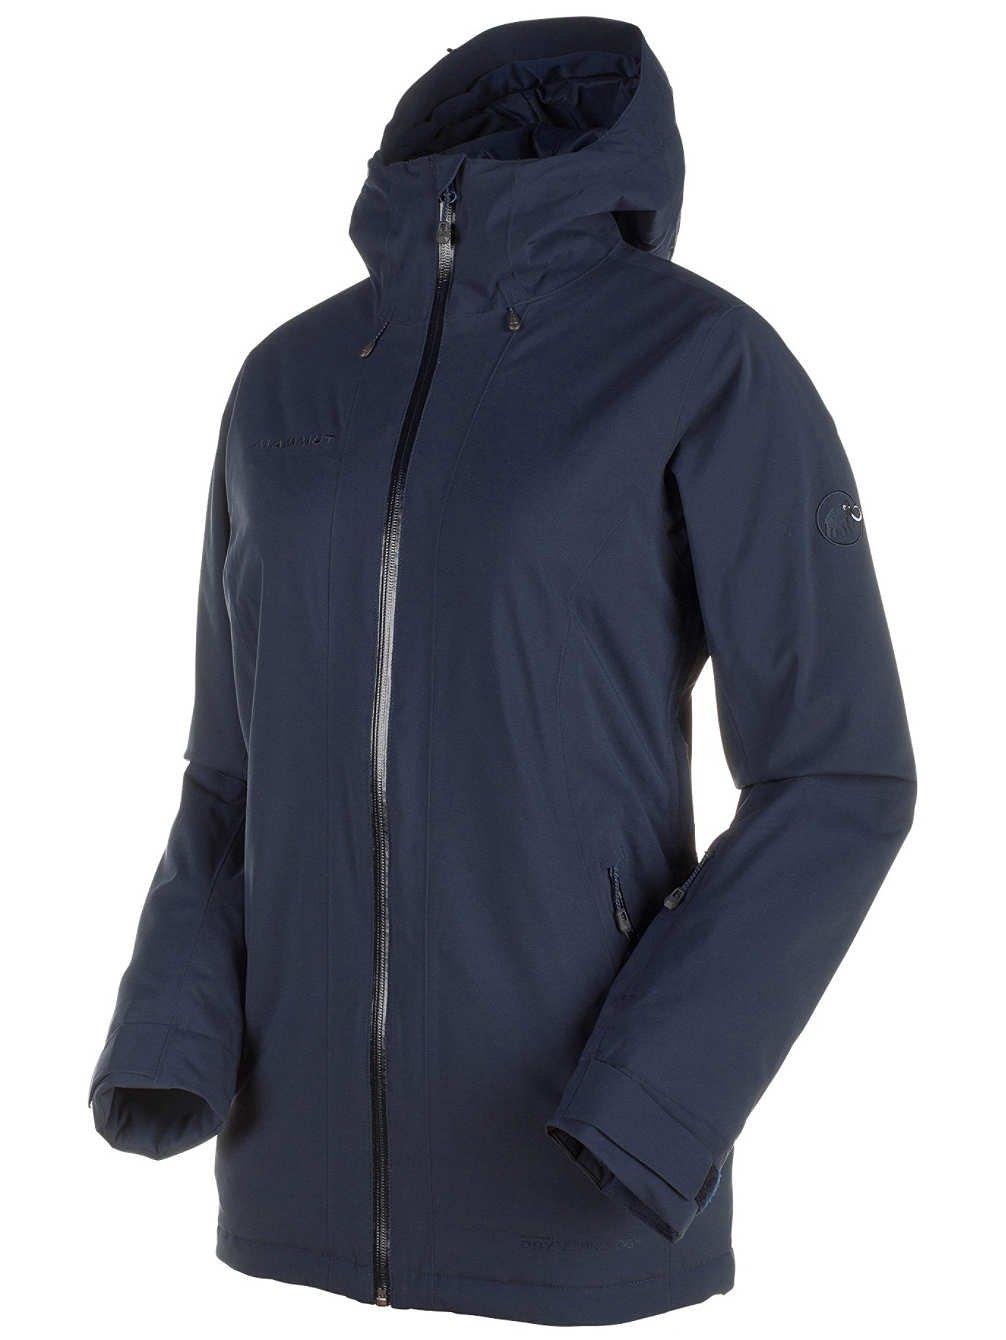 Mammut Nara HS Thermo Hooded Women's Jacket B071GD186H L|ネイビー ネイビー L